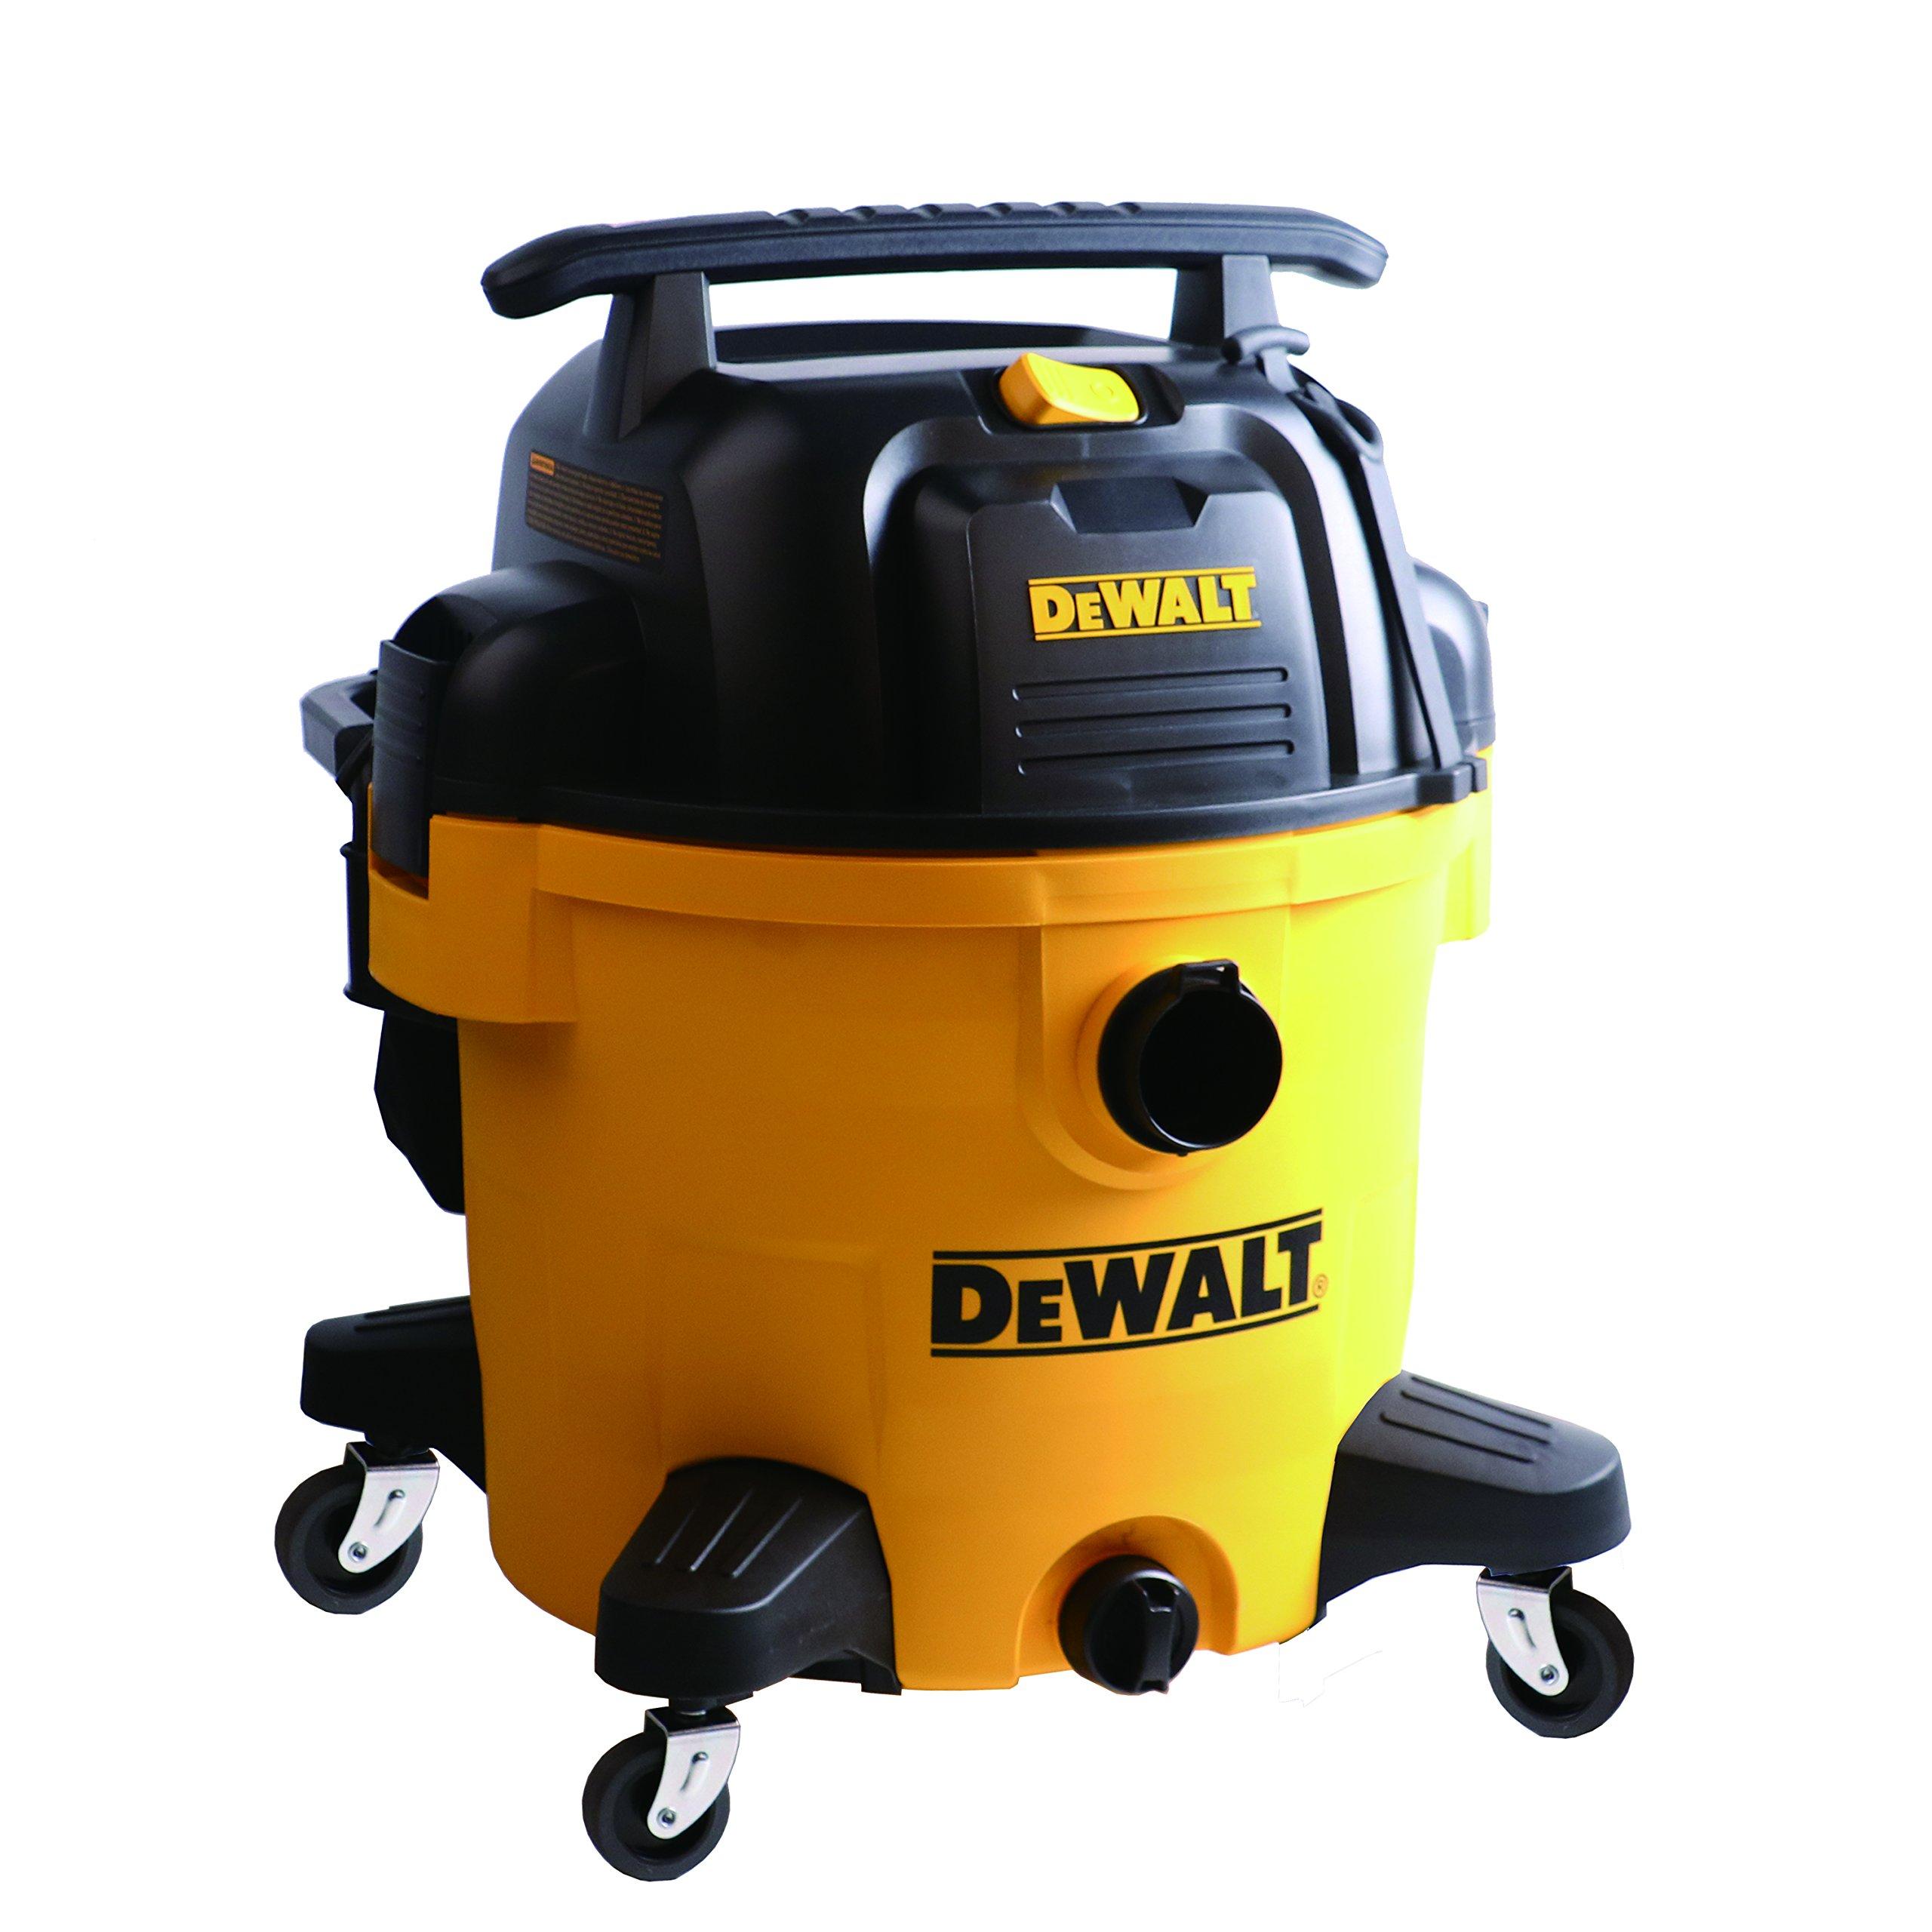 DEWALT DXV10P 10 Gallon Quiet Poly Wet Dry Vacuum Yellow by DEWALT (Image #1)